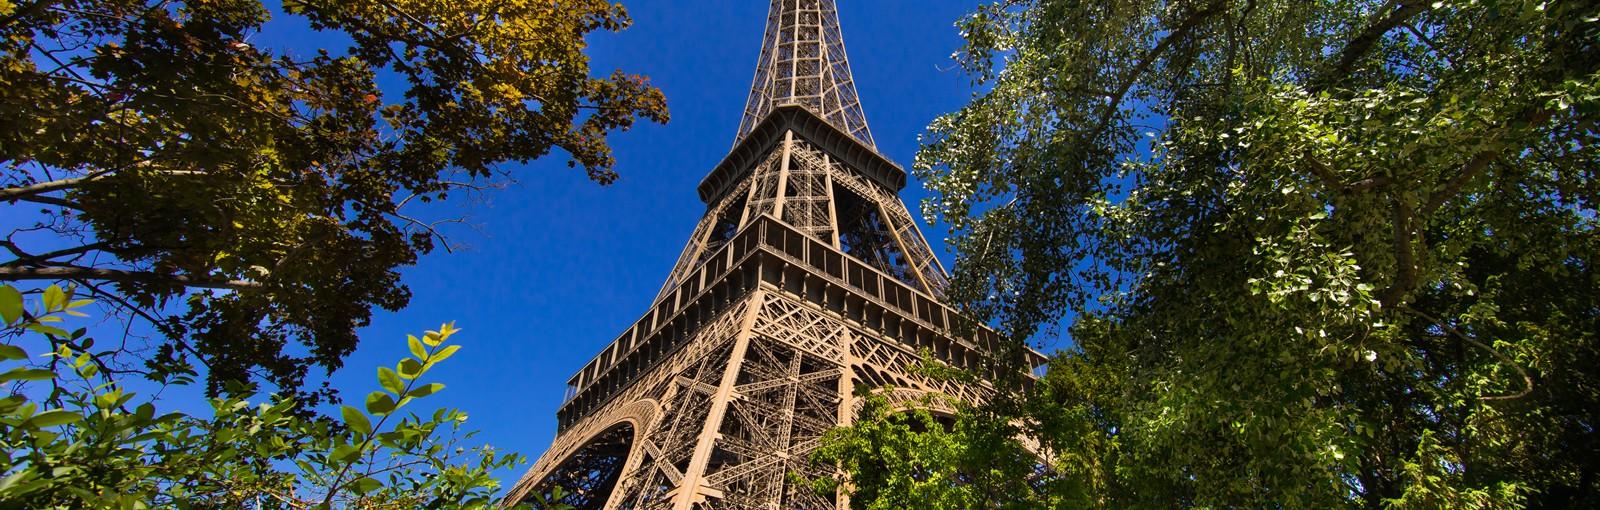 Tours Paquete Paris con 4 noches de hotel - Paquetes Paris - Visitas de Paris